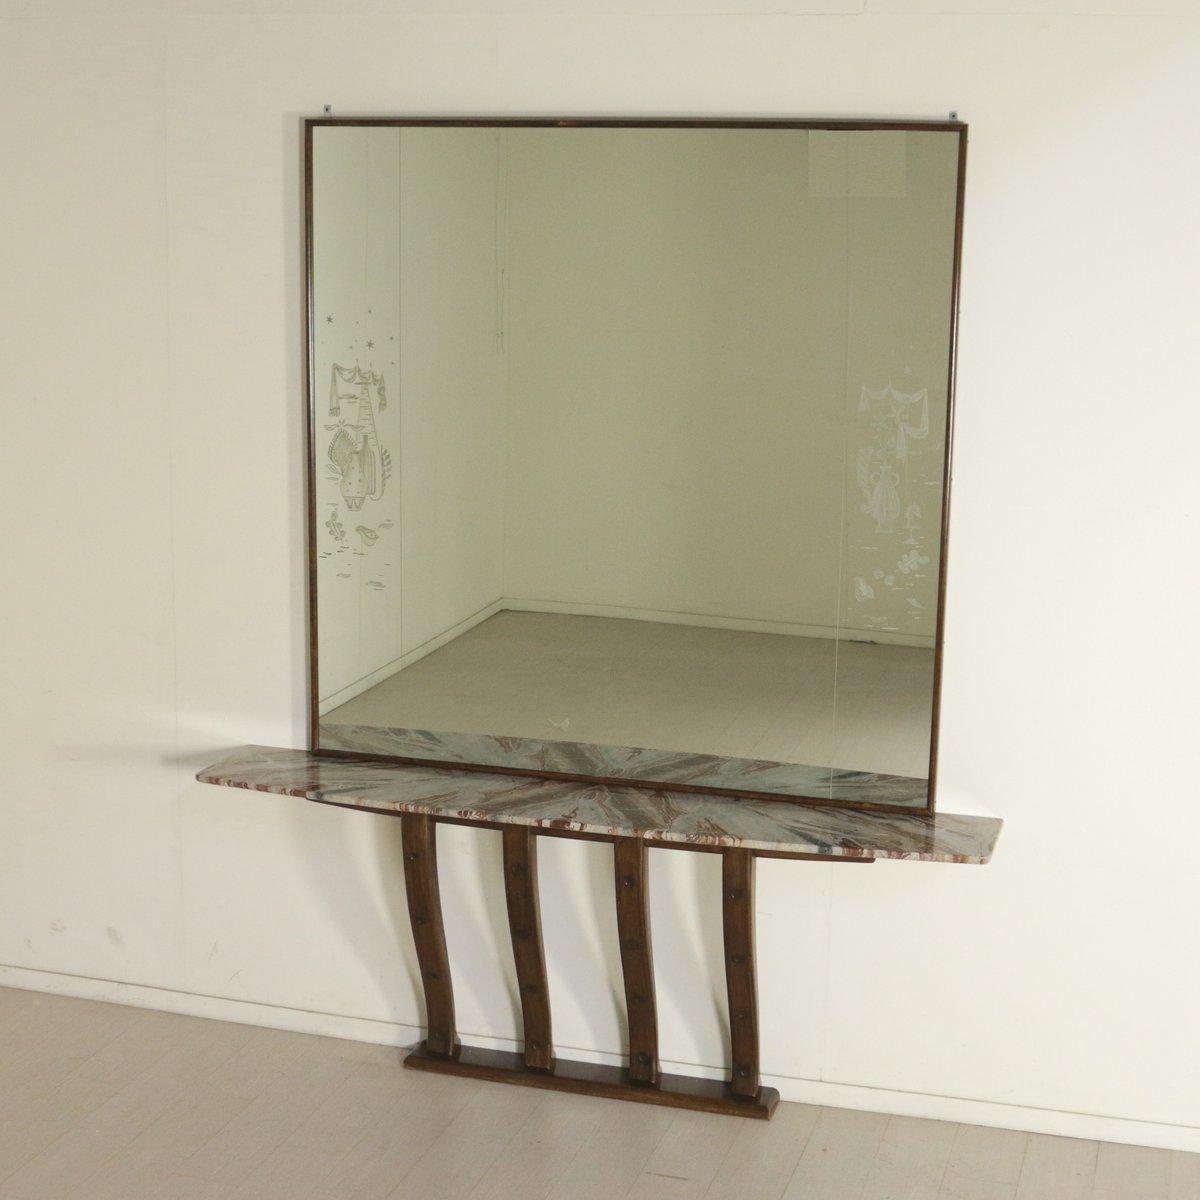 italienische vintage anrichte mit dekoriertem spiegel aus buche marmor bei pamono kaufen. Black Bedroom Furniture Sets. Home Design Ideas